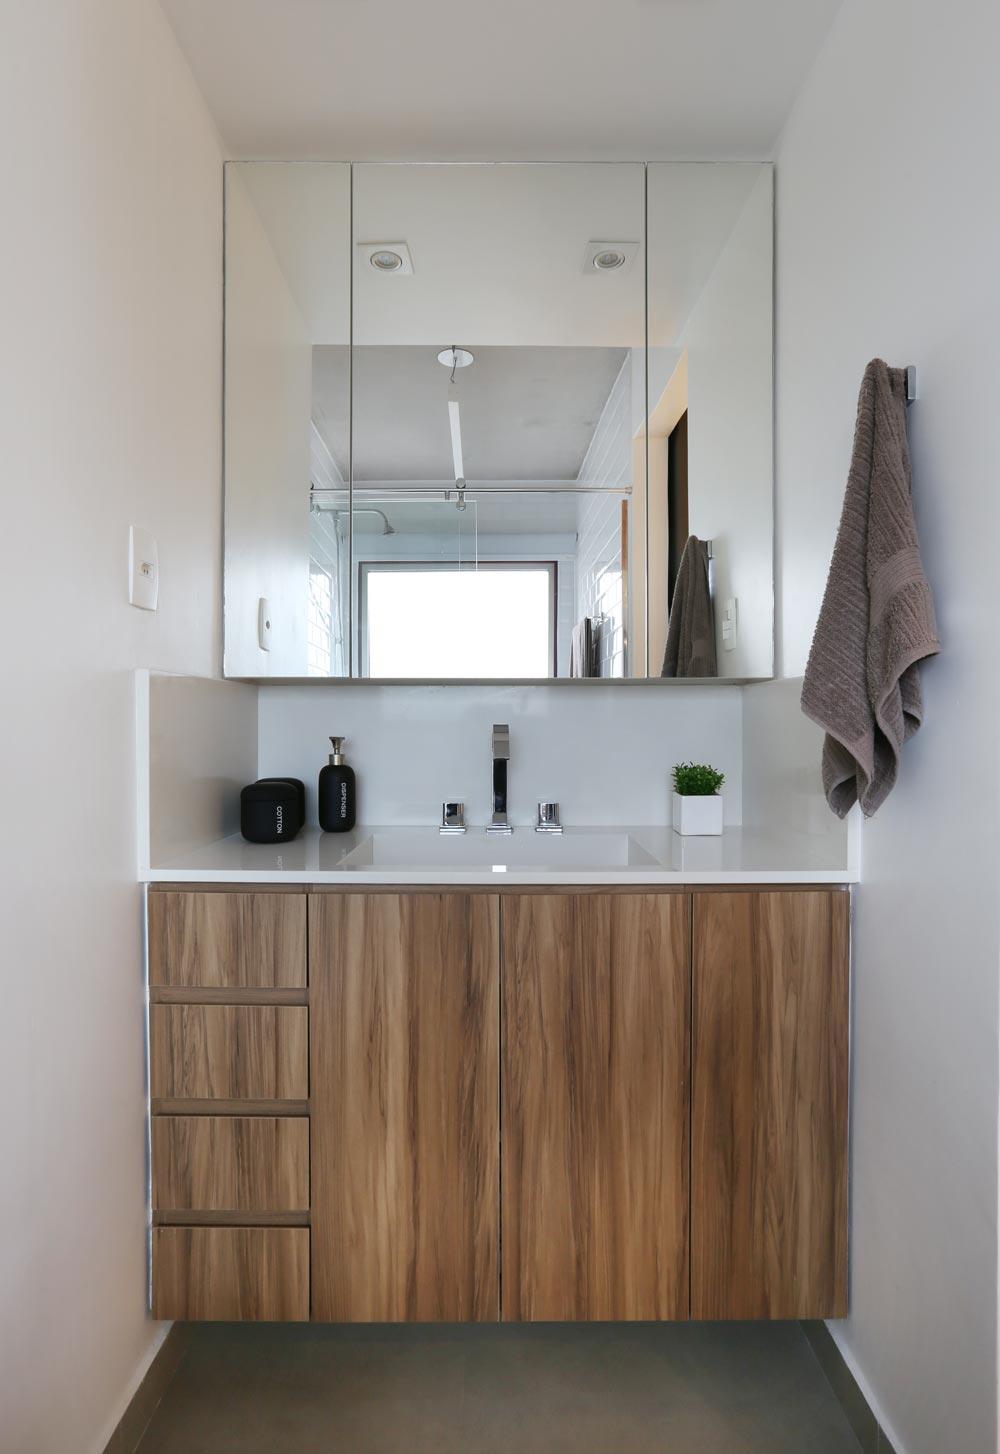 06b-apartamento-de-70-m2-com-estilo-industrial-e-marcenaria-bem-planejada